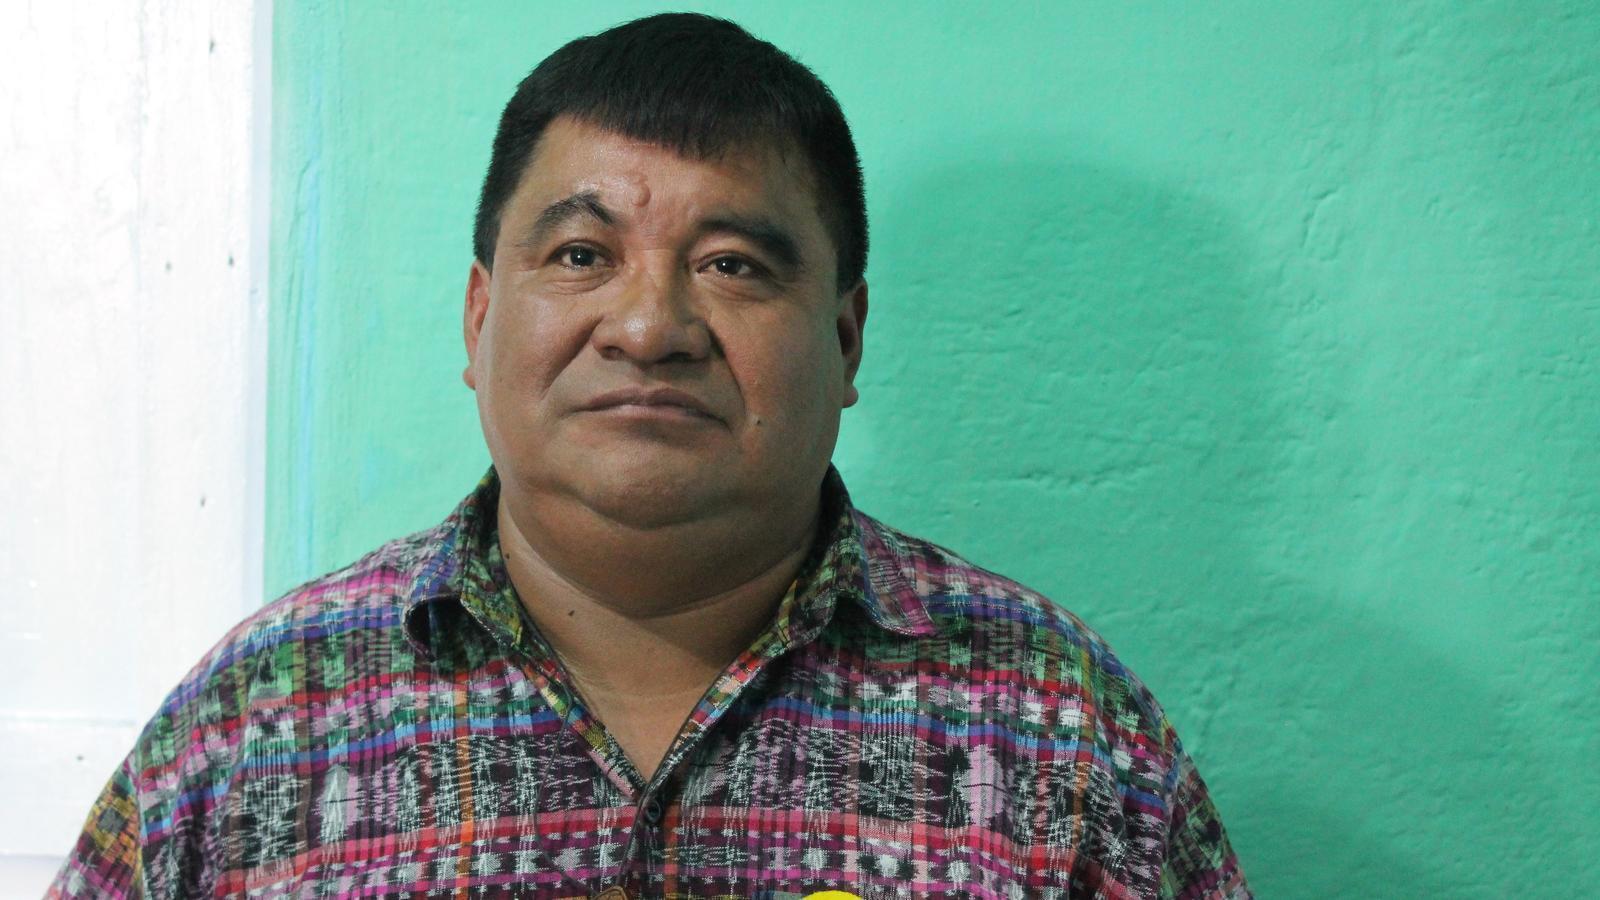 """Bernardo Caal, líder indígena de Guatemala: """"Florentino està assassinant el riu més sagrat del meu poble"""""""